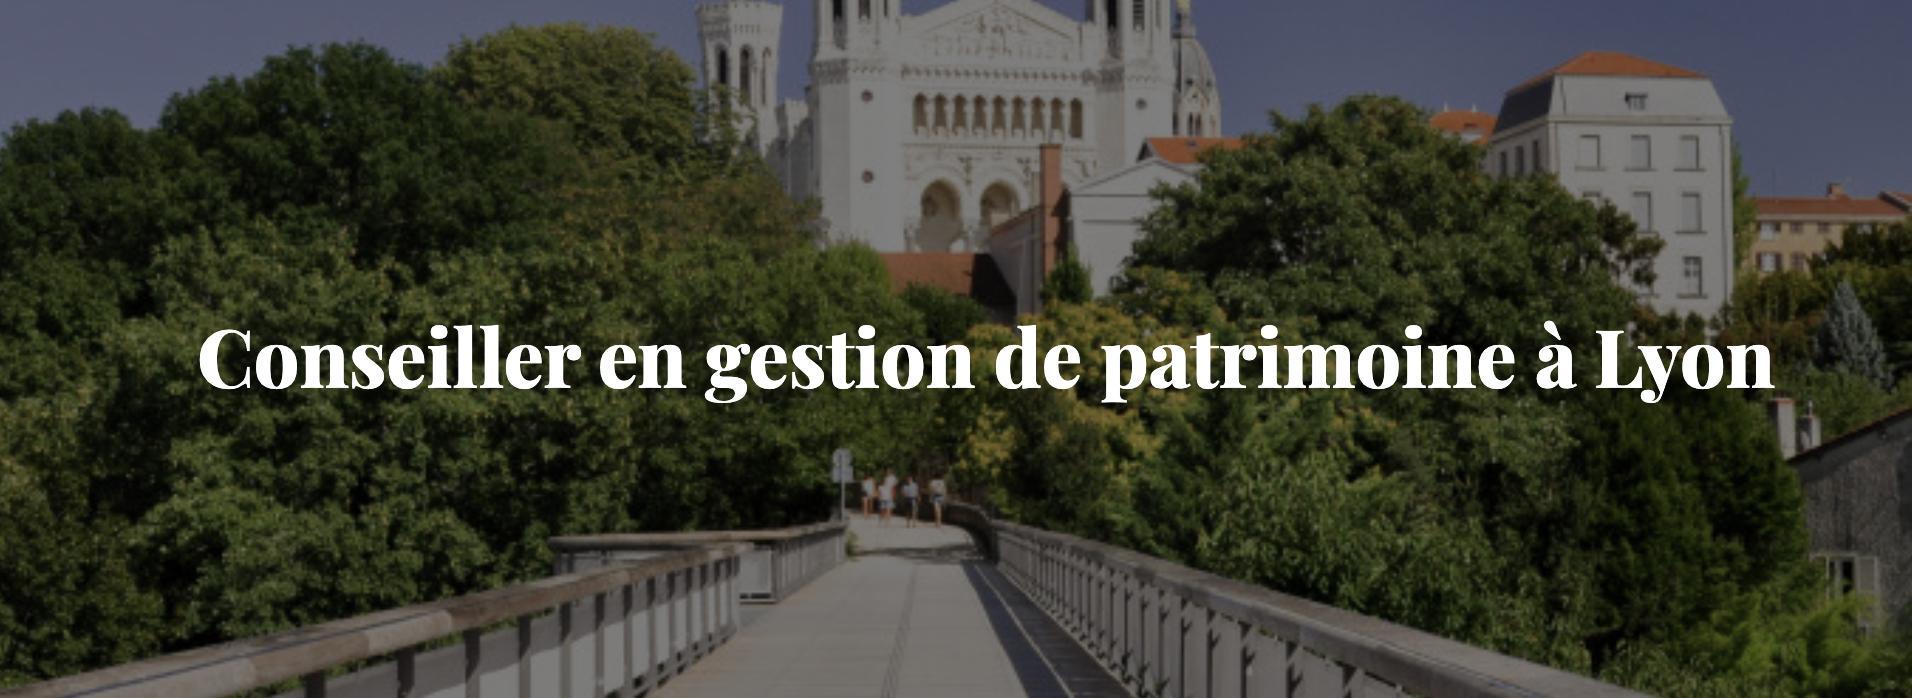 Alpha Cgp - Conseiller En Gestion De Patrimoine à Lyon - Franck Cerisola Lyon